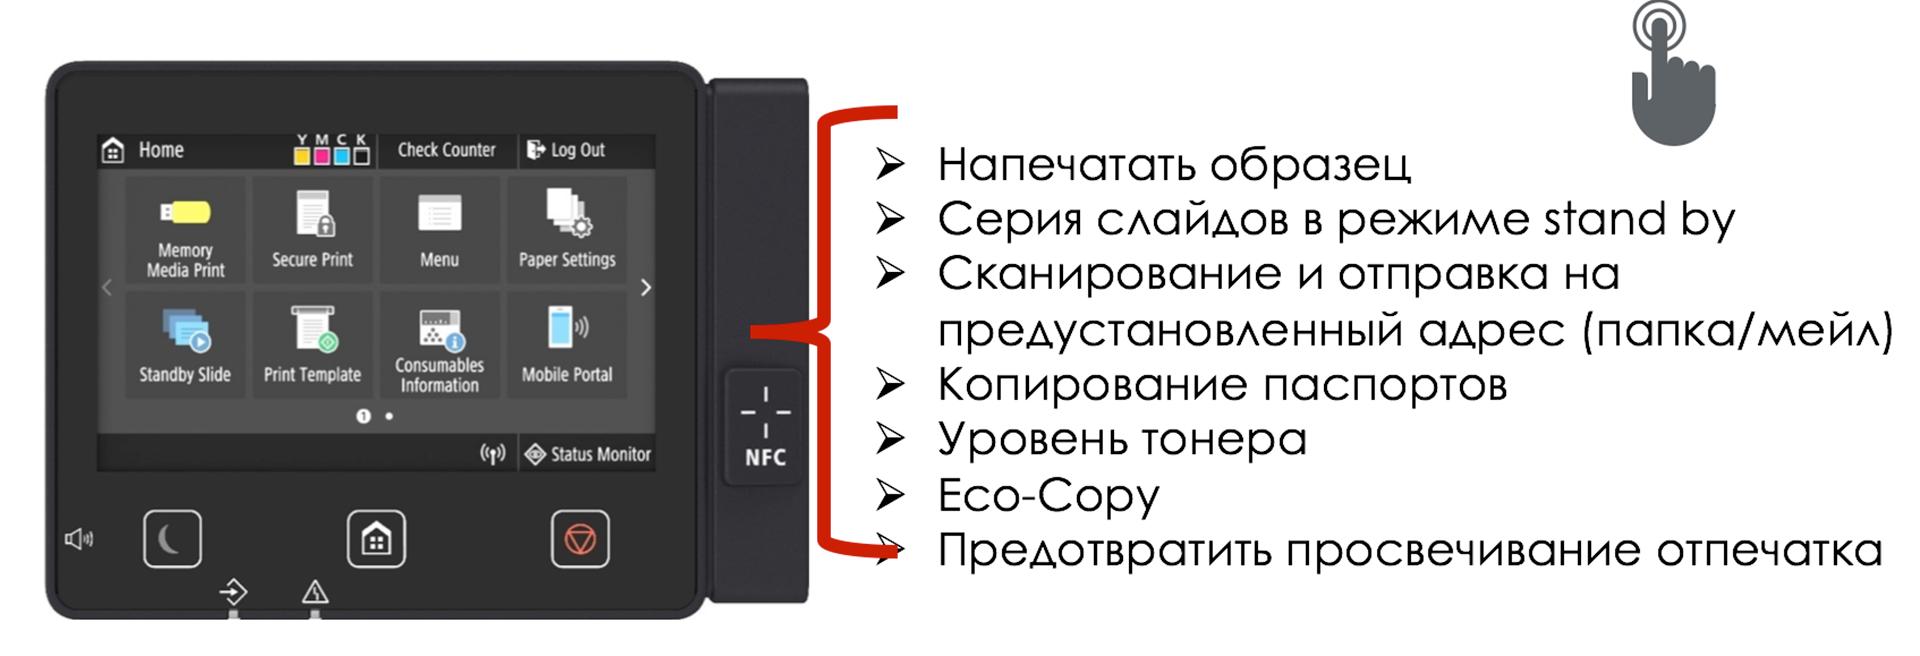 От домашнего офиса до корпорации: новые лазерные устройства из линейки Canon i-SENSYS - 7